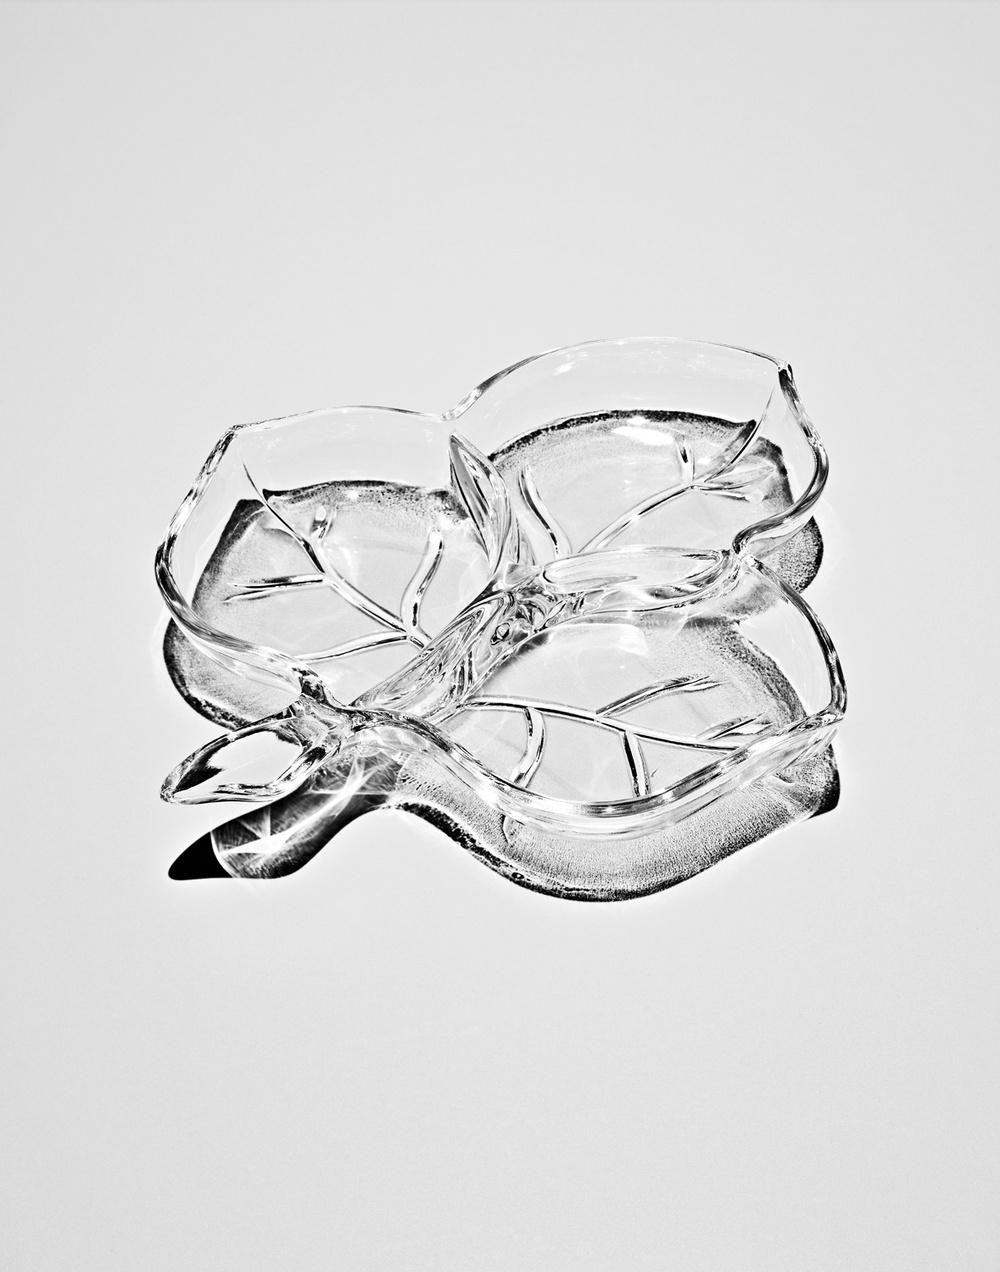 glass-leaf-2.jpg